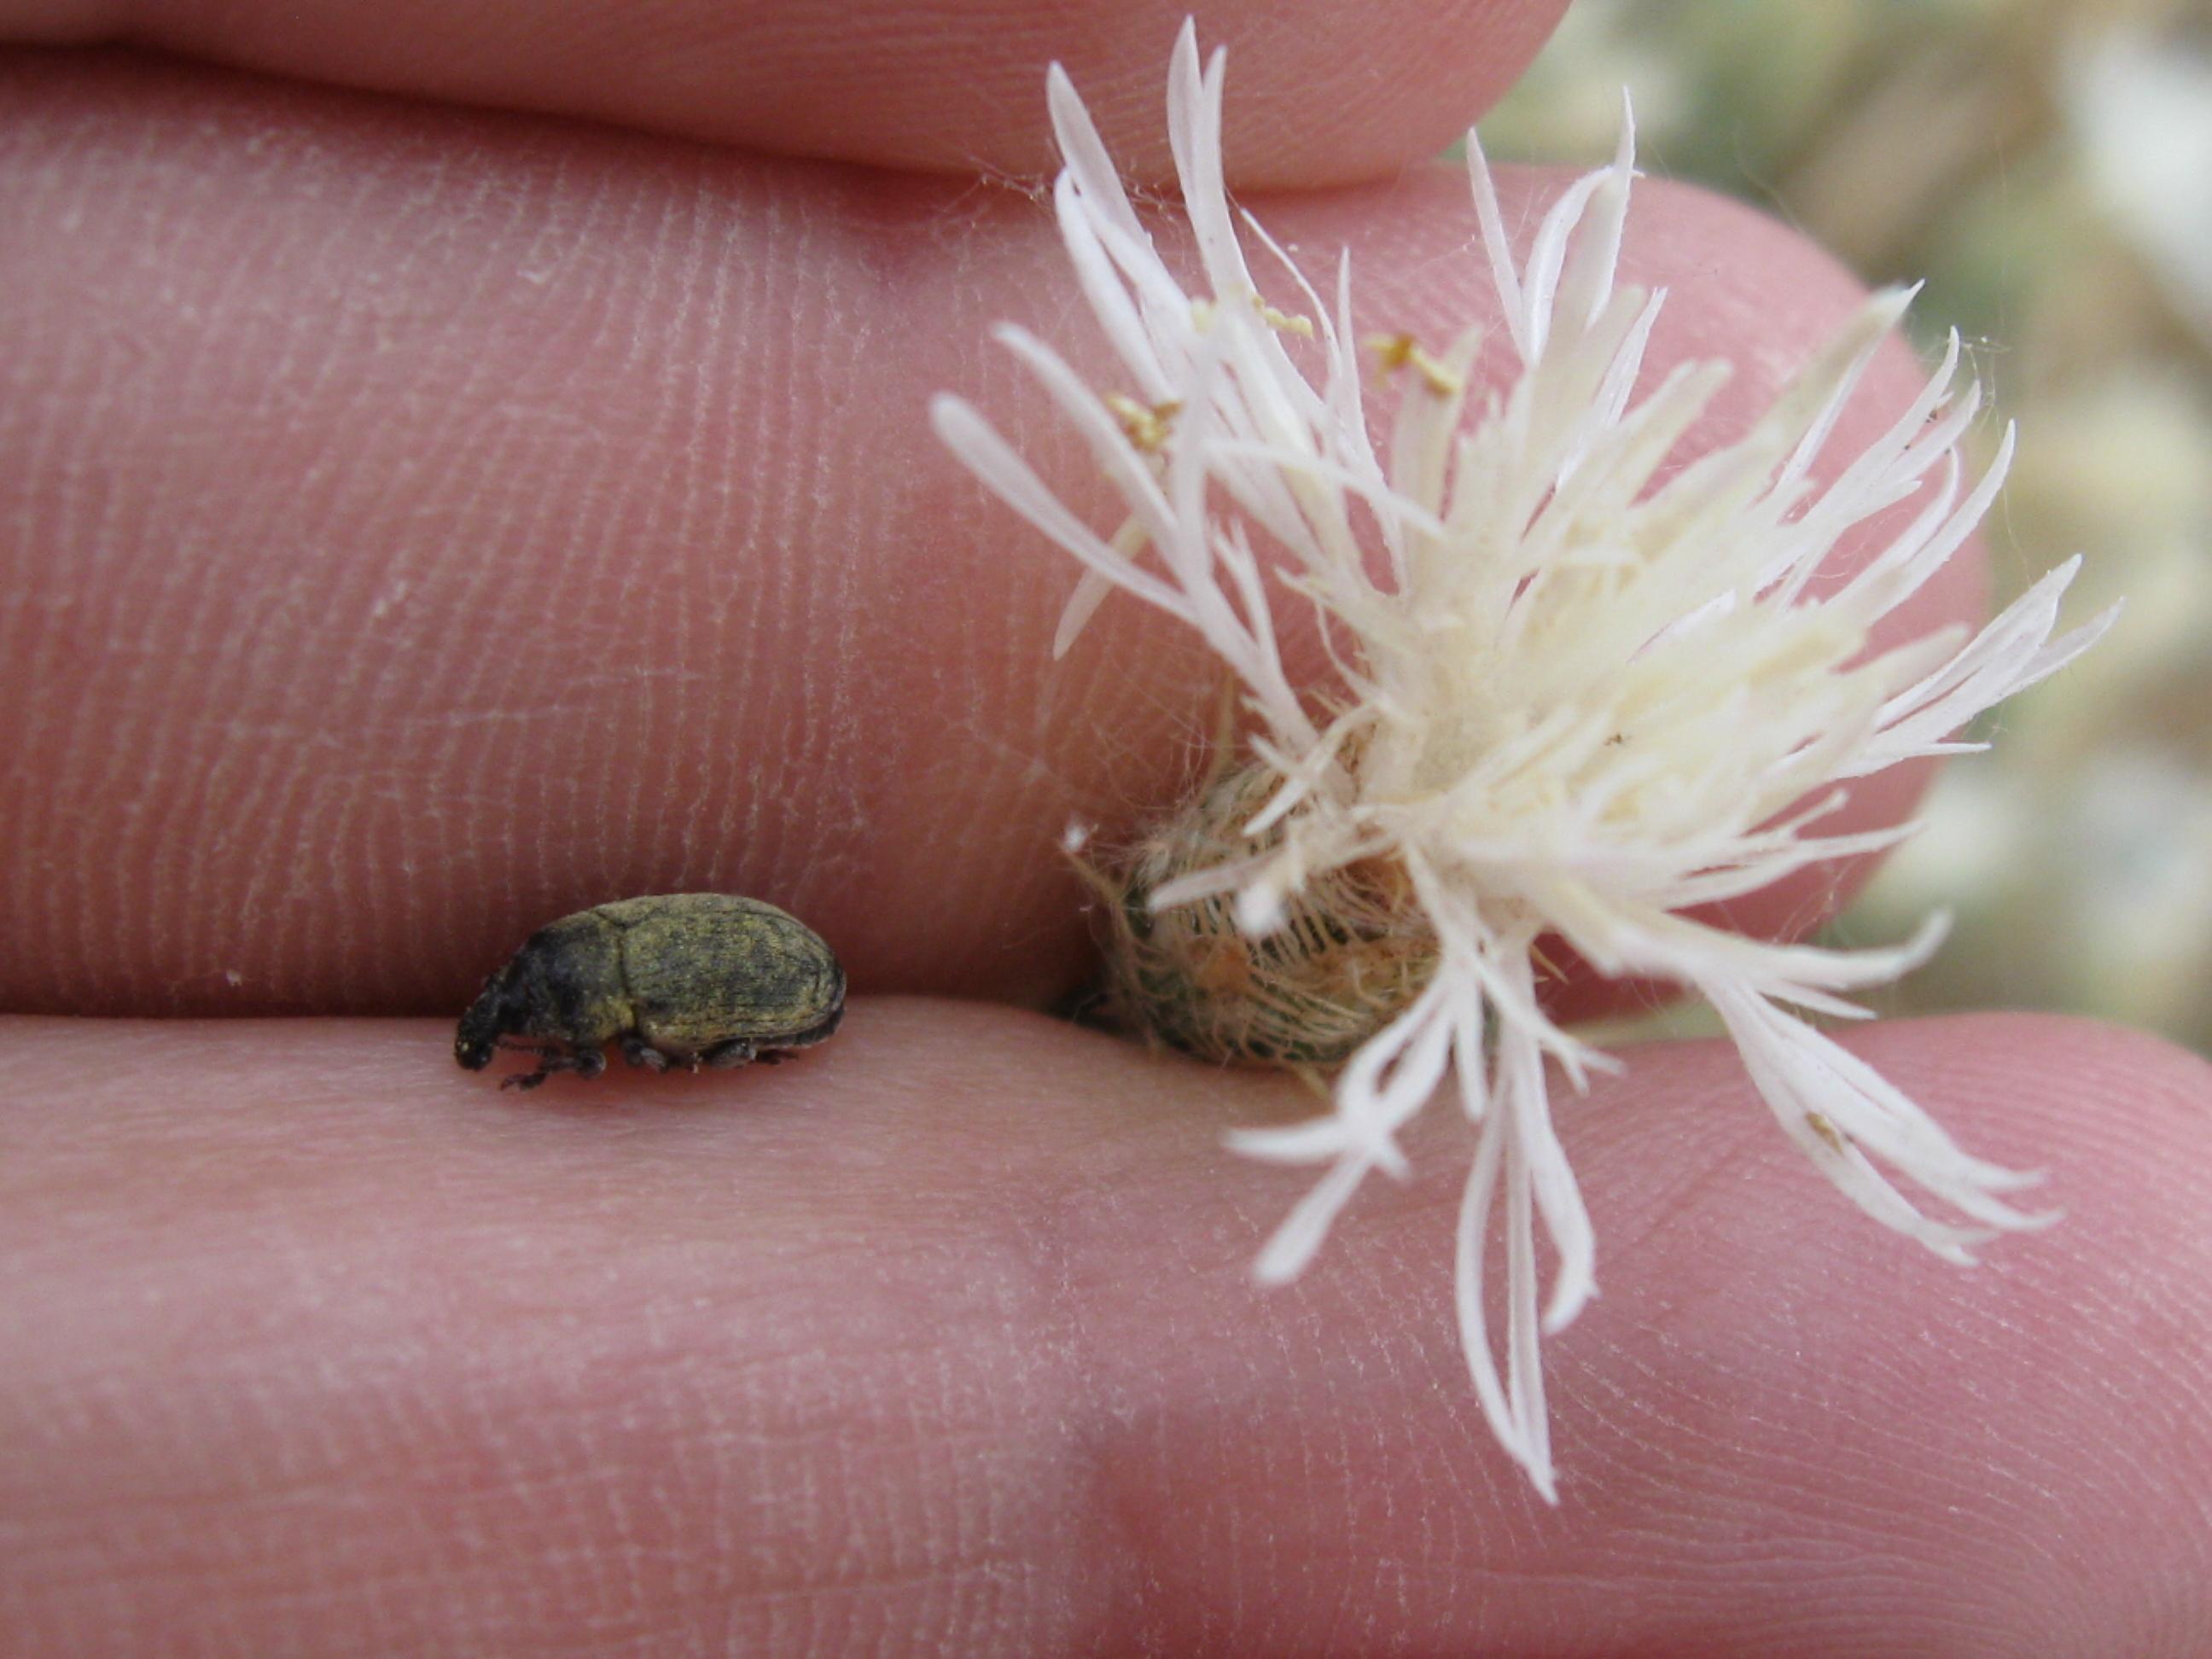 Diffuse knapweed beetle